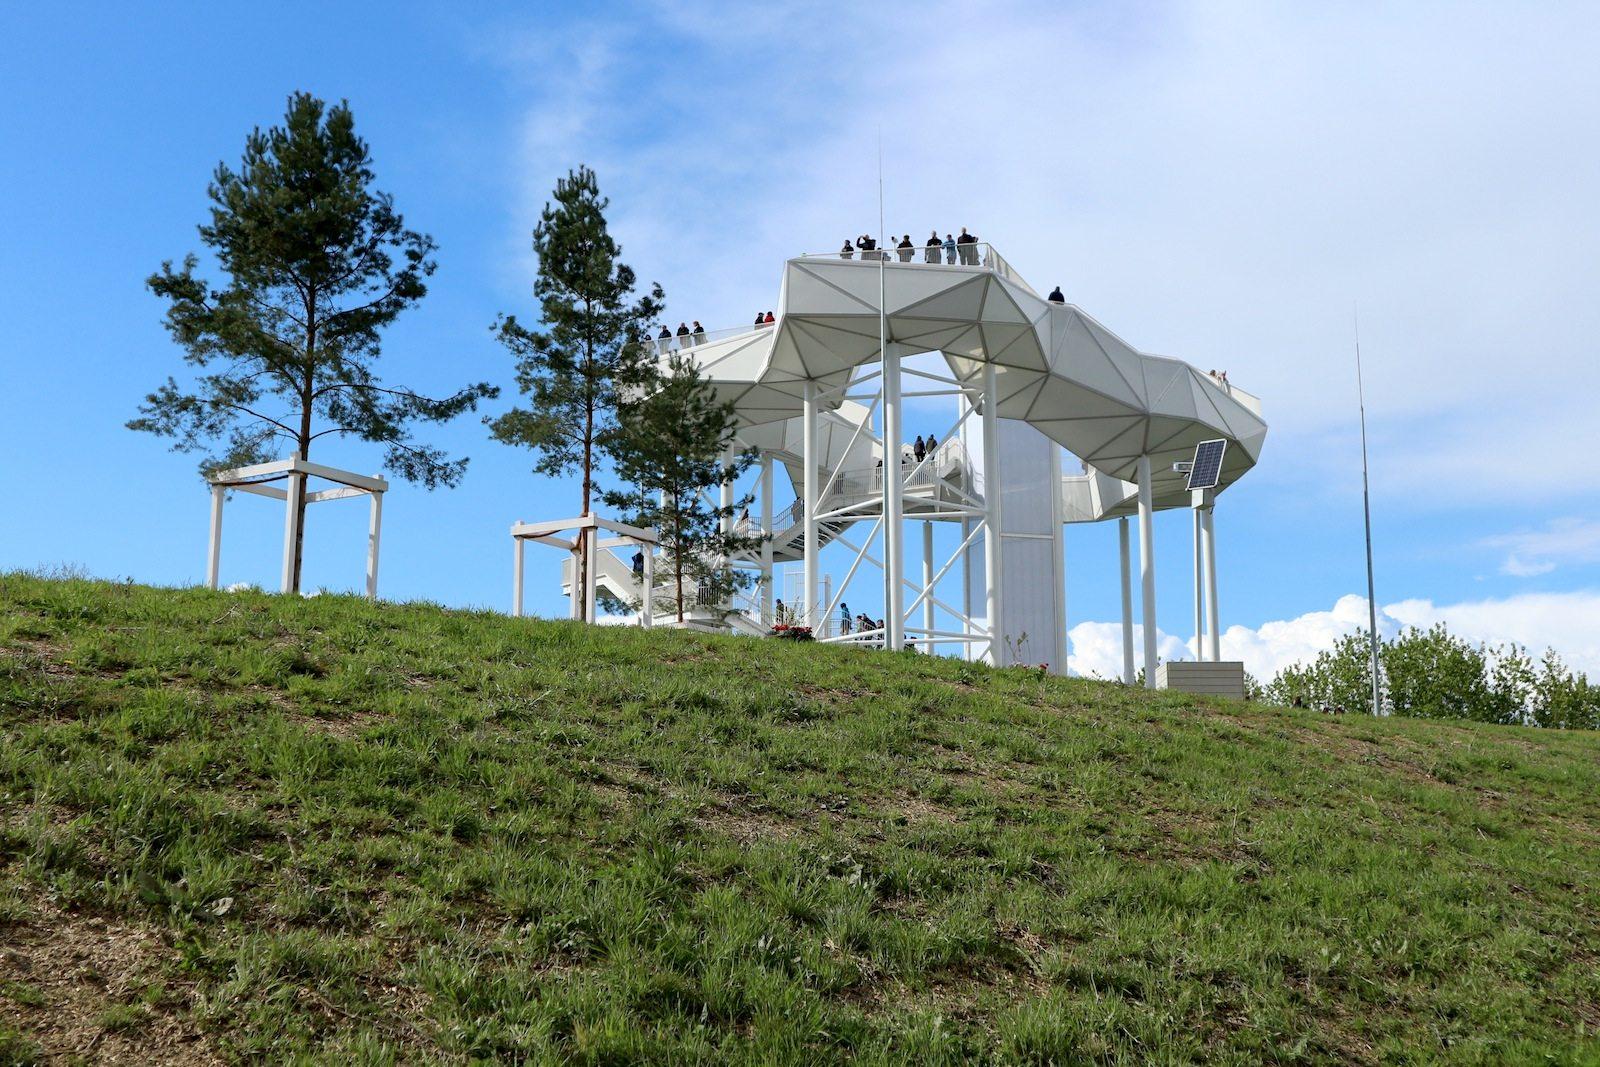 Wolkenhain.  Das Wahrzeichen ist einer Wolke nachempfunden und hohe Ingenieursbaukunst. Das ebenfalls von geskes.hack Landschaftsarchitekten, Kolb Ripke Architekten, VIC Brücken und Ingenieurbau geplante Aussichtsbauwerk ist weithin sichtbar und bietet selbst weite Rundumblicke.